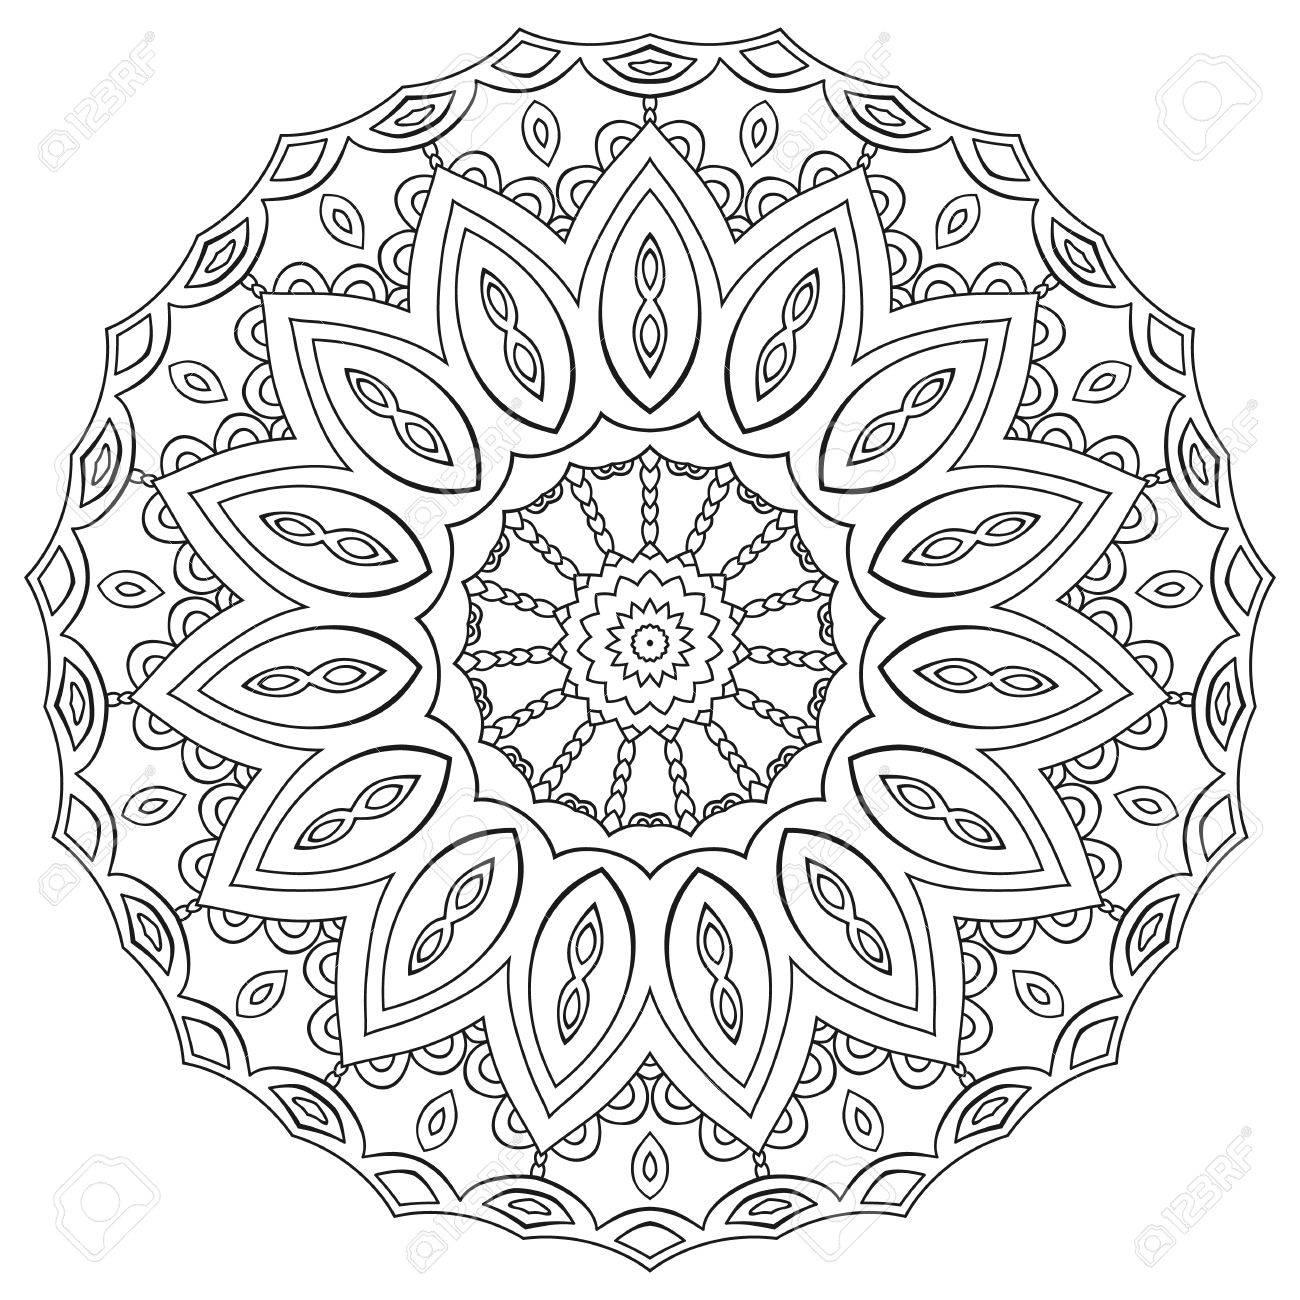 Página Para Colorear Mandala. Ornamento Geométrico Circular